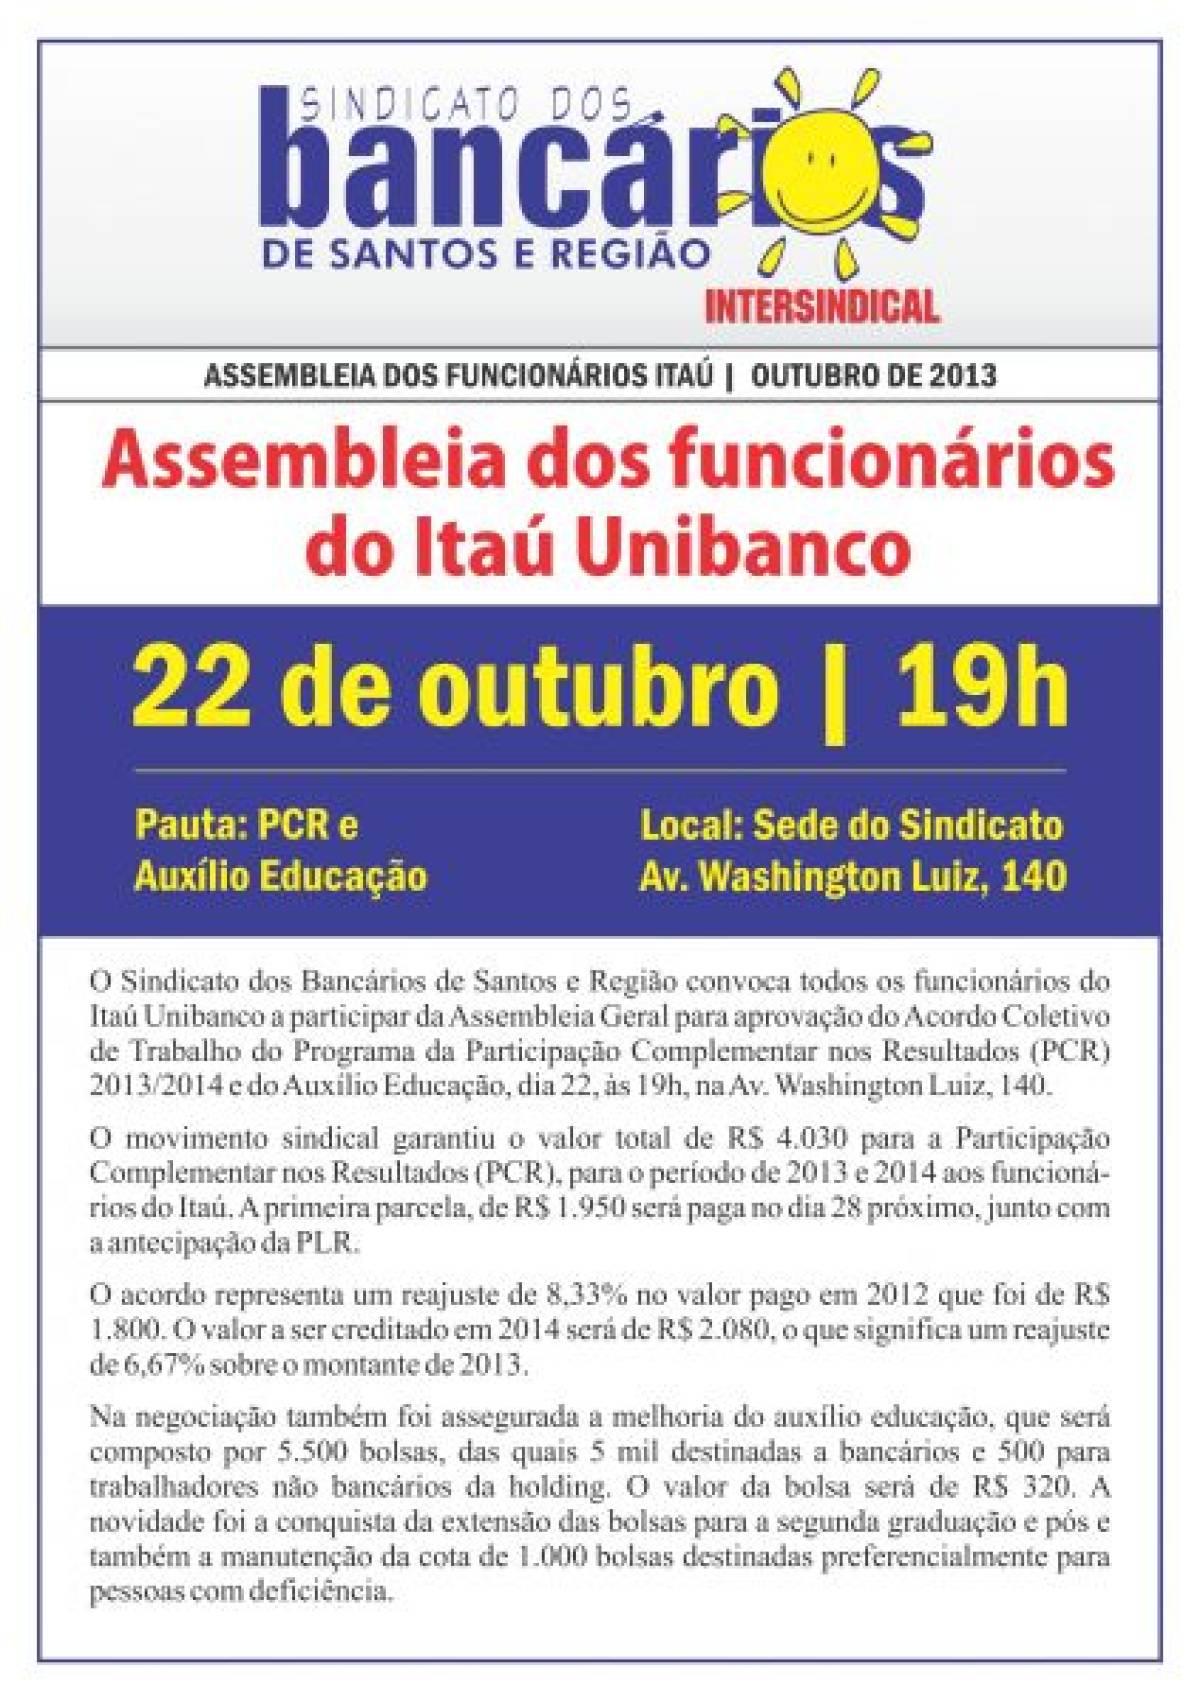 Assembleia dos Funcionários do Itaú acontece nesta terça, 22